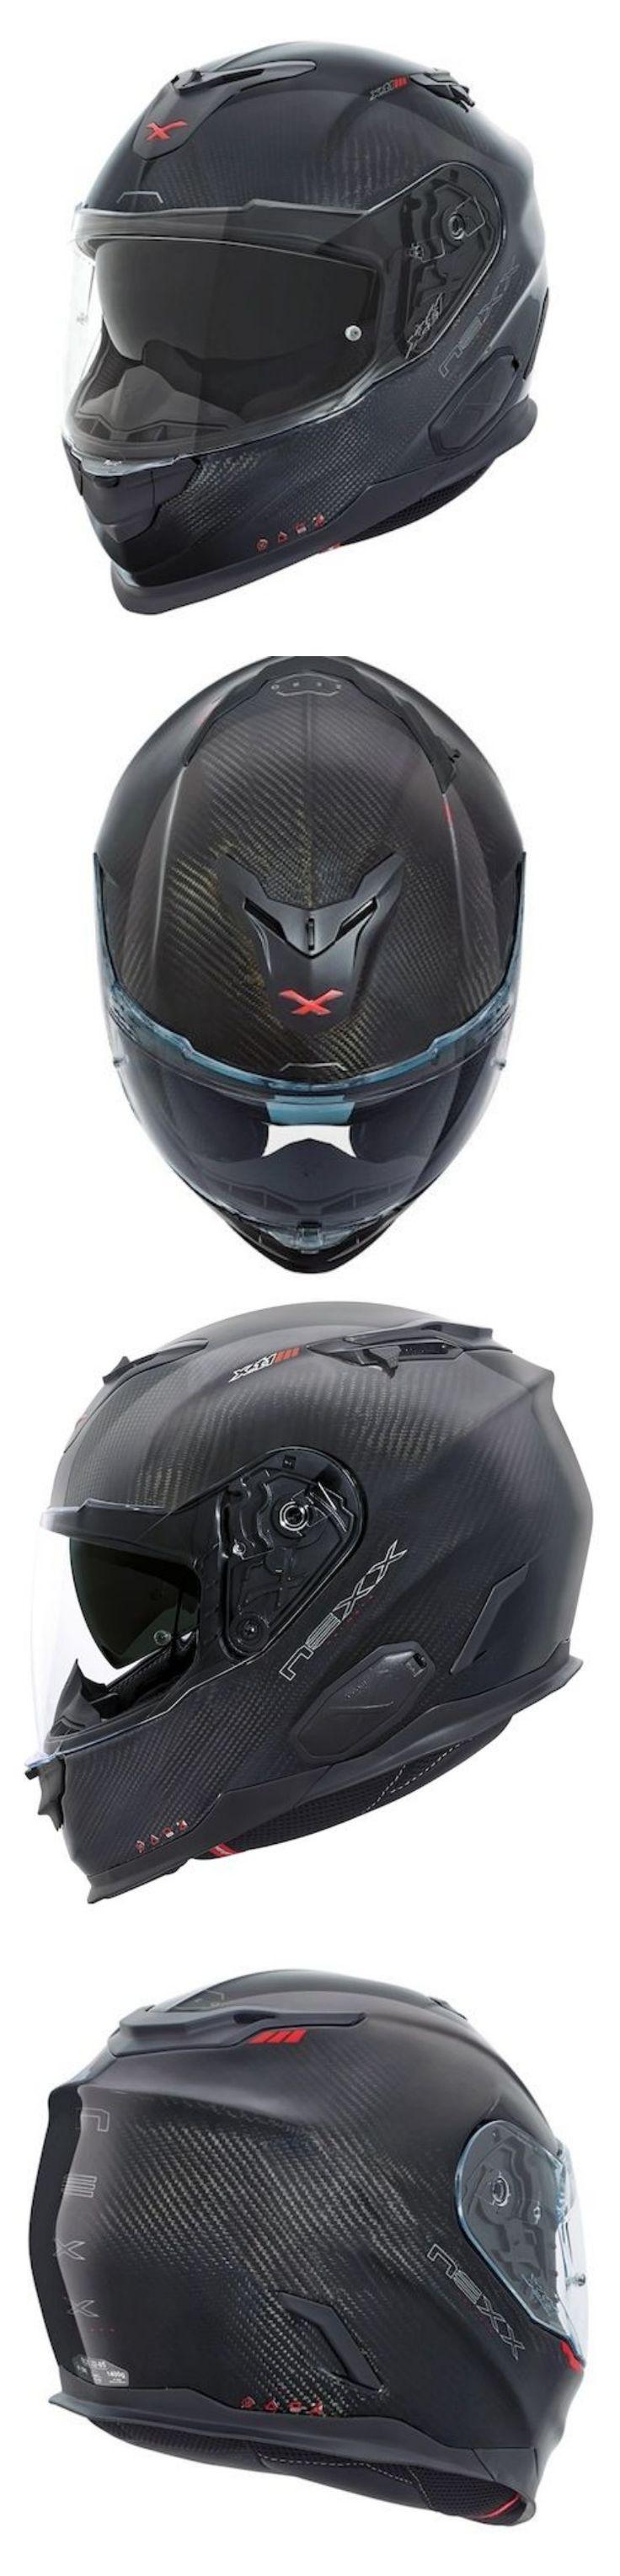 Nexx XT1 Carbon Zero Motorcycle Helmets Tall